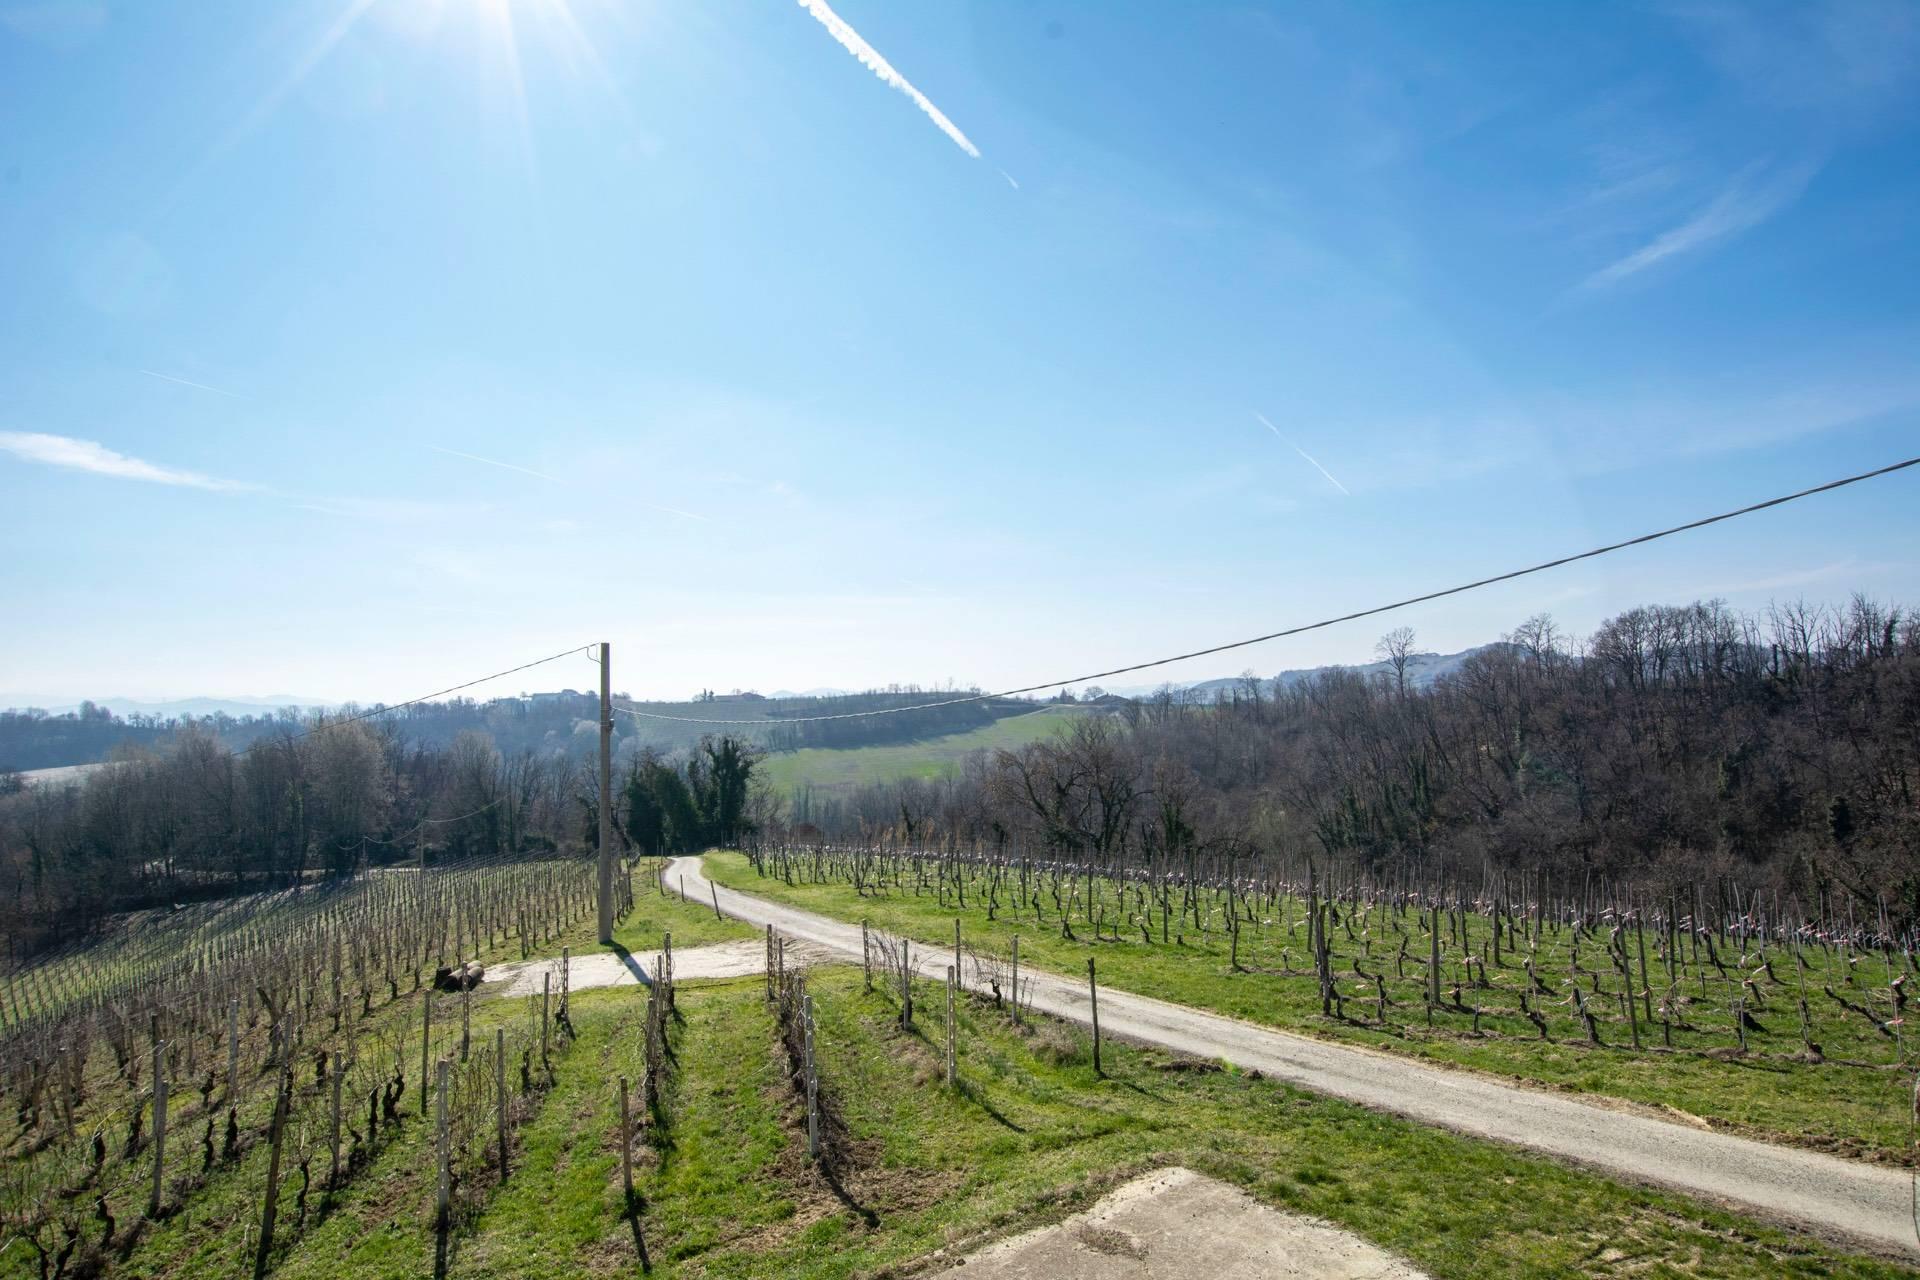 Rustico / Casale in vendita a Castel Rocchero, 7 locali, prezzo € 650.000 | PortaleAgenzieImmobiliari.it